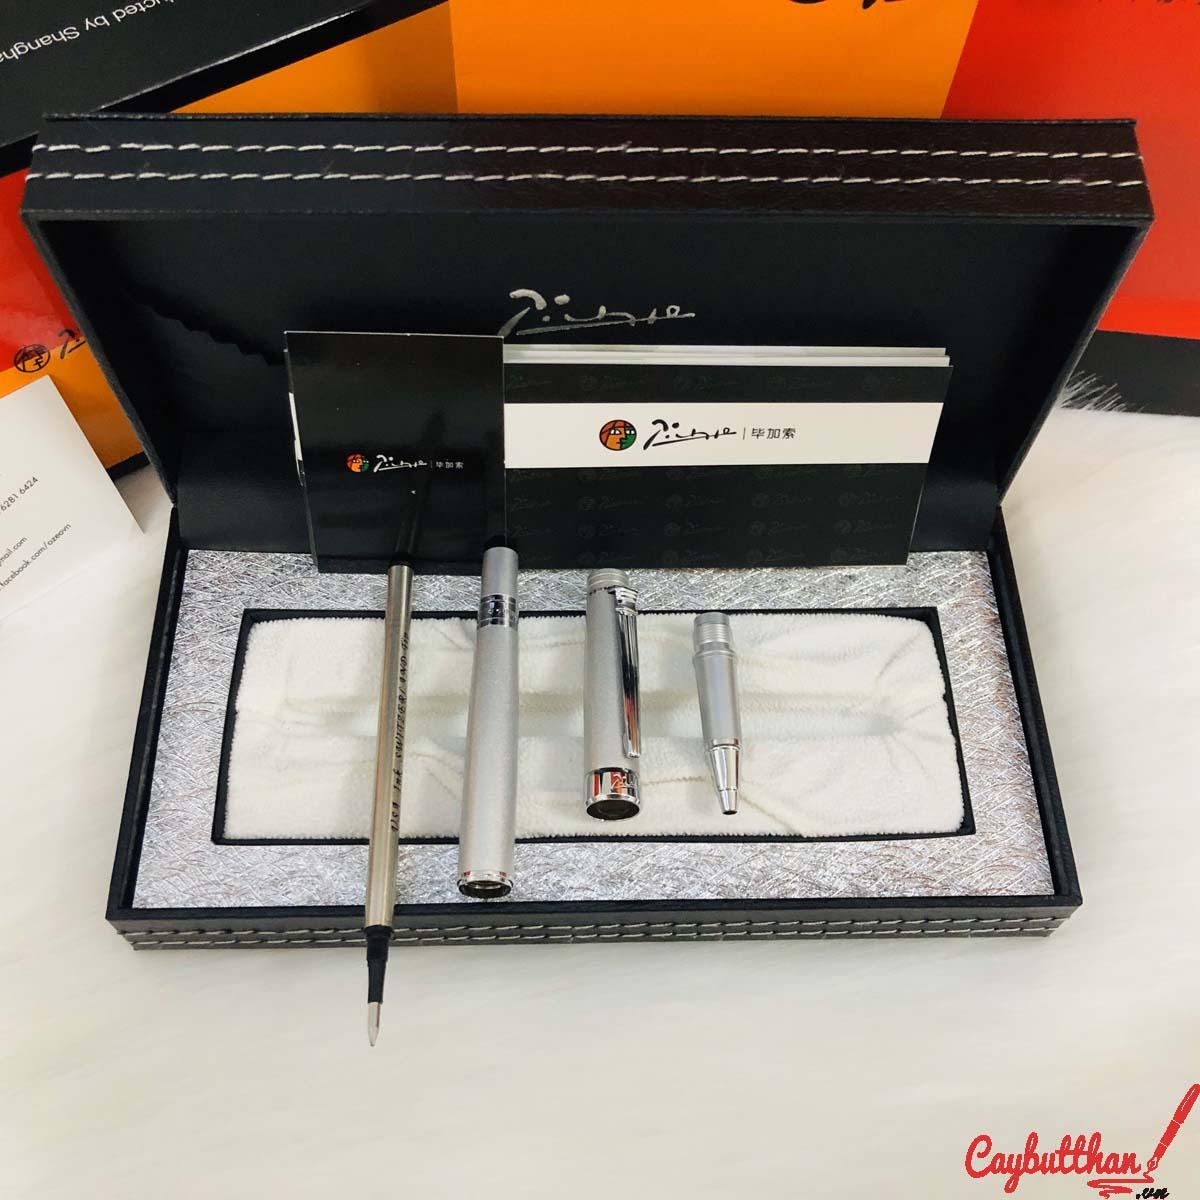 Cấu tạo chi tiết từng bộ phận của bút Picasso 917T